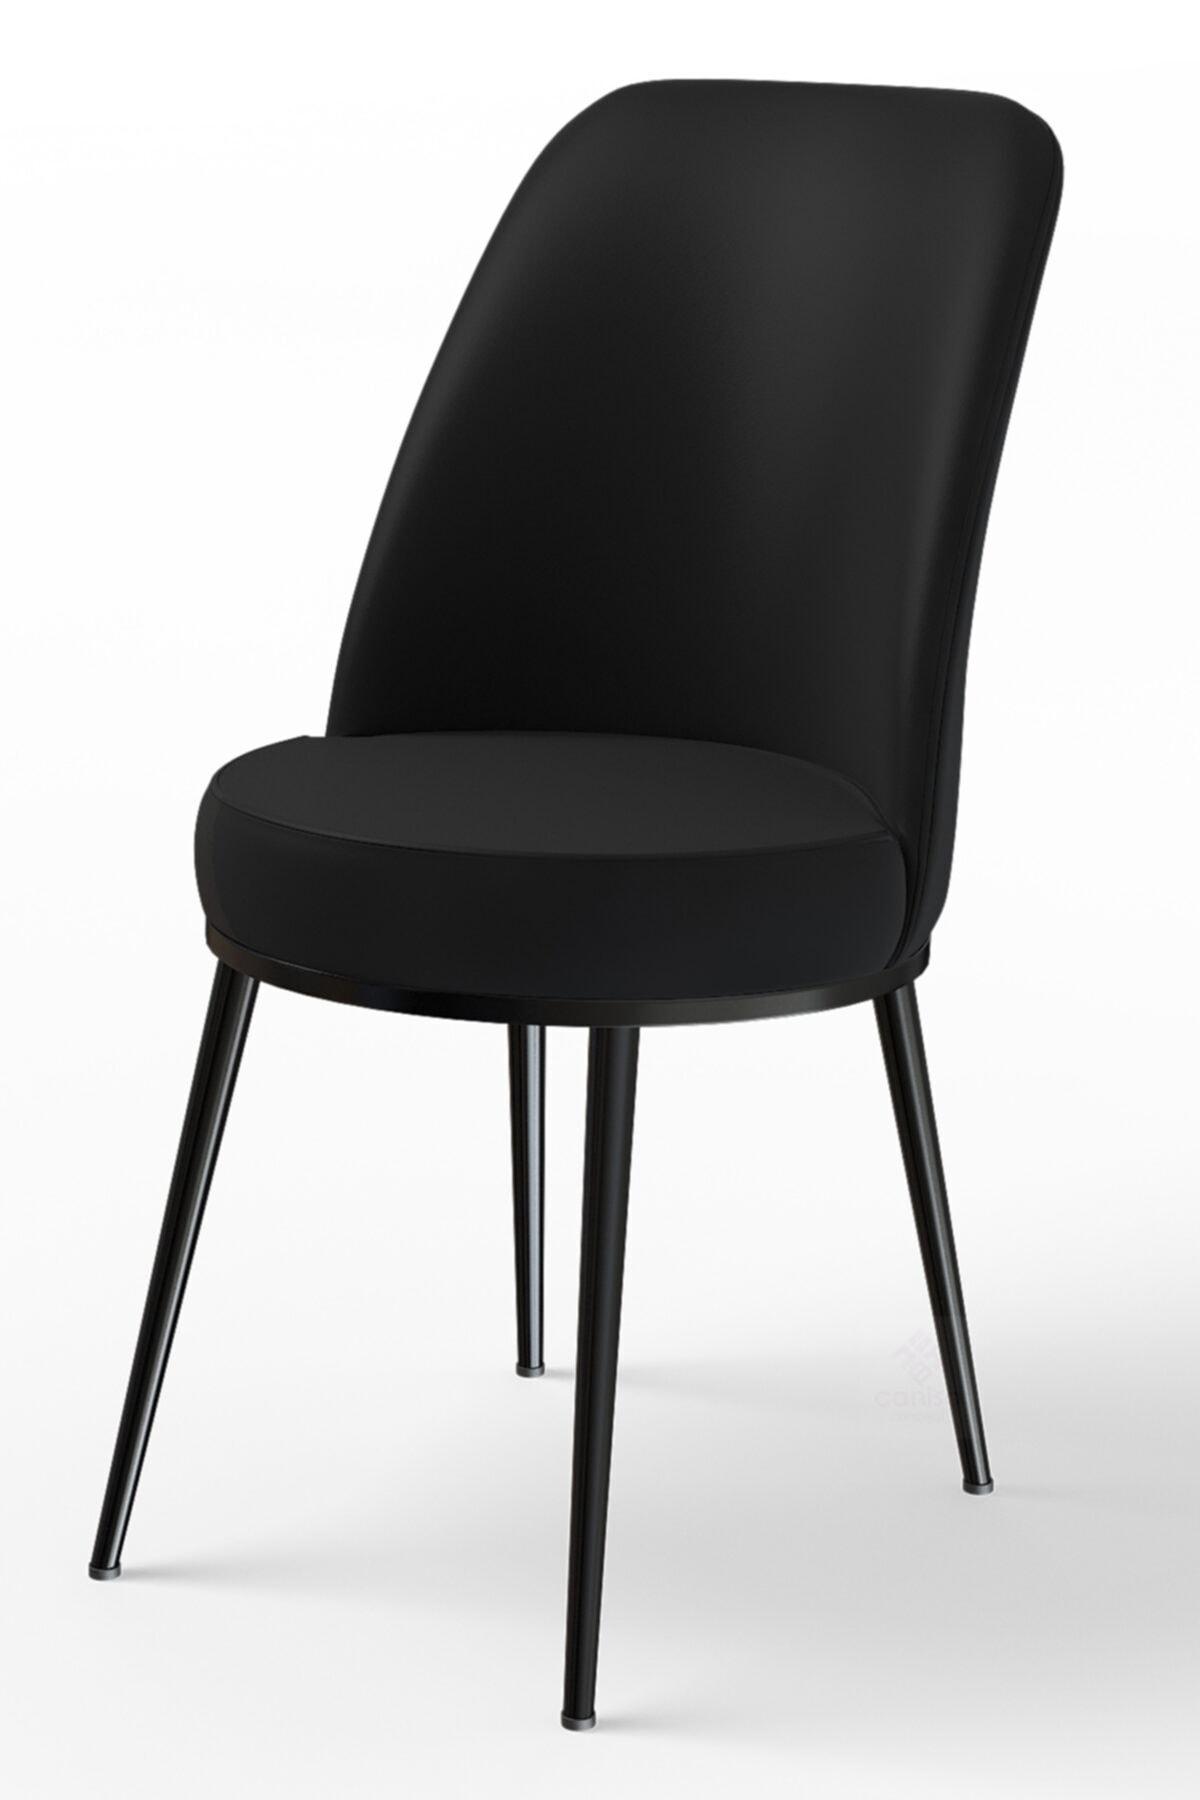 Dexa Serisi Siyah Renk Sandalye Mutfak Sandalyesi, Yemek Sandalyesi Ayaklar Siyah